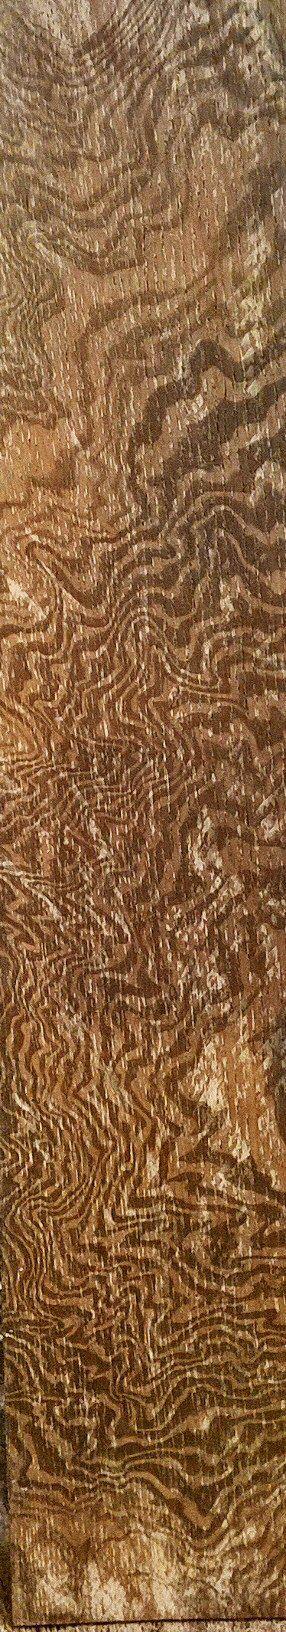 Suminagashi sur bois, lame de parquet